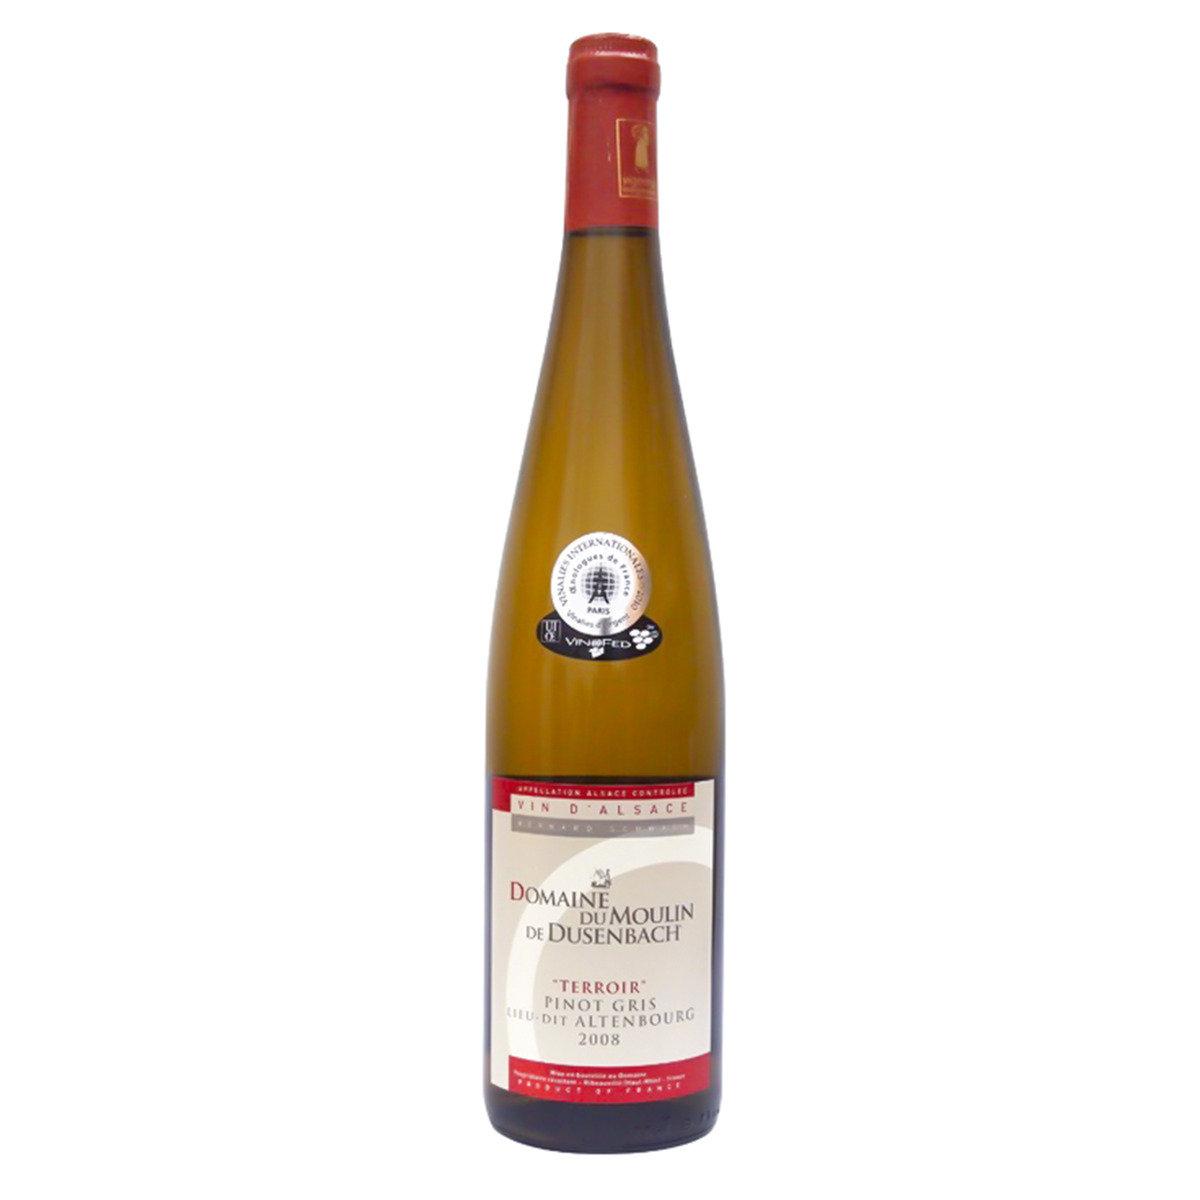 D.M.D Pinot Gris Altenbourg 08' 750ml